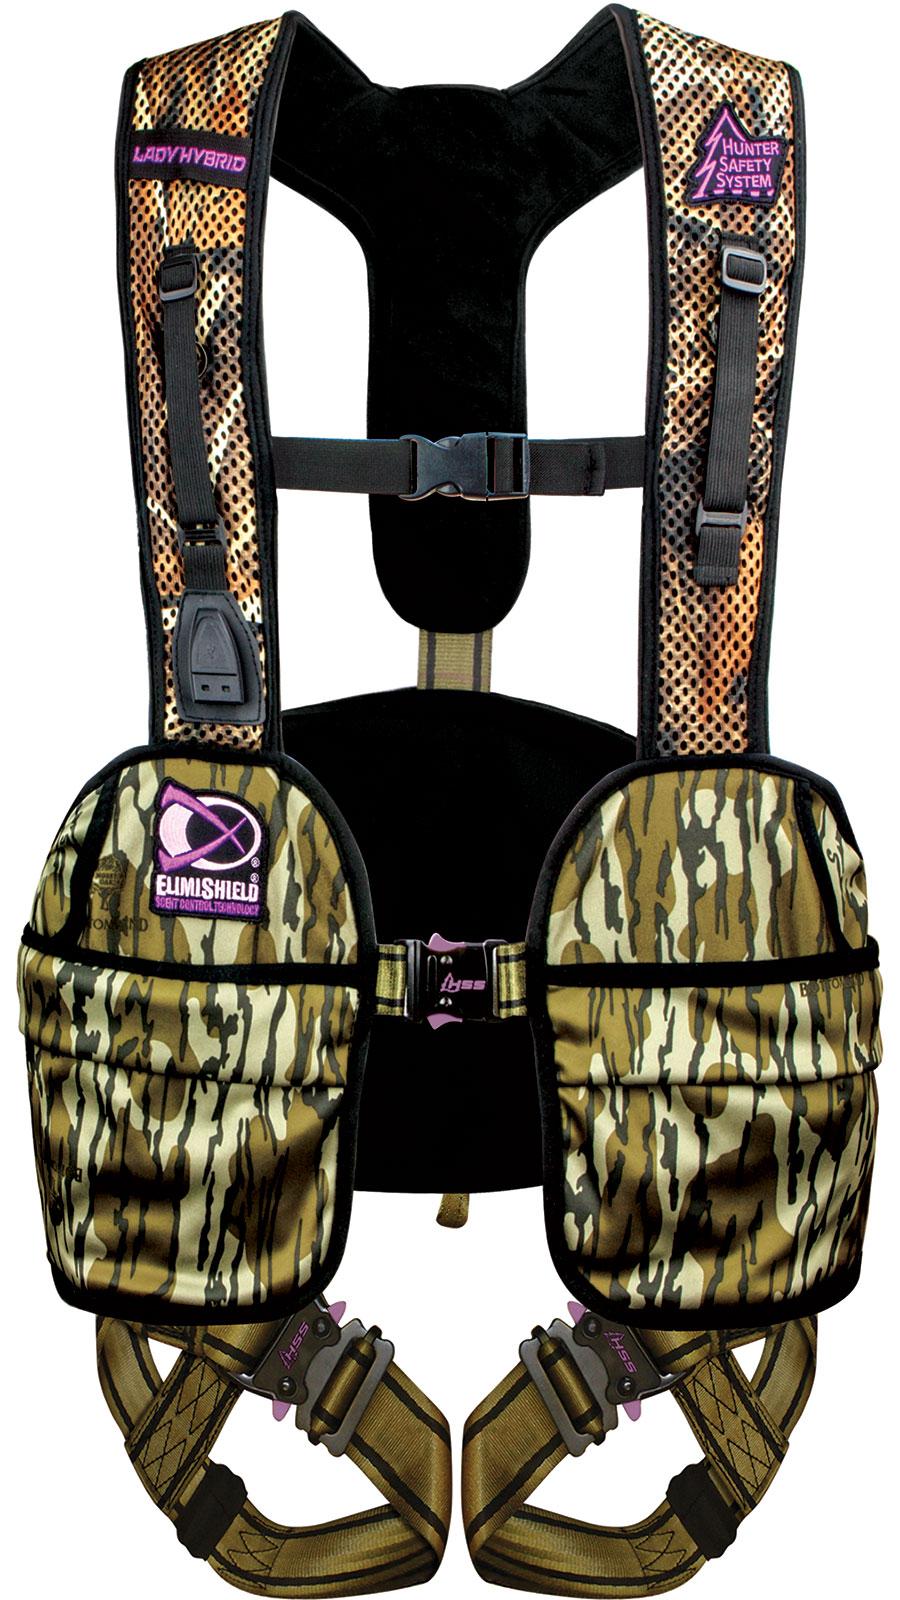 Hunter Safety System LADY-M S/M MO Lady Hybrid Safety Harness